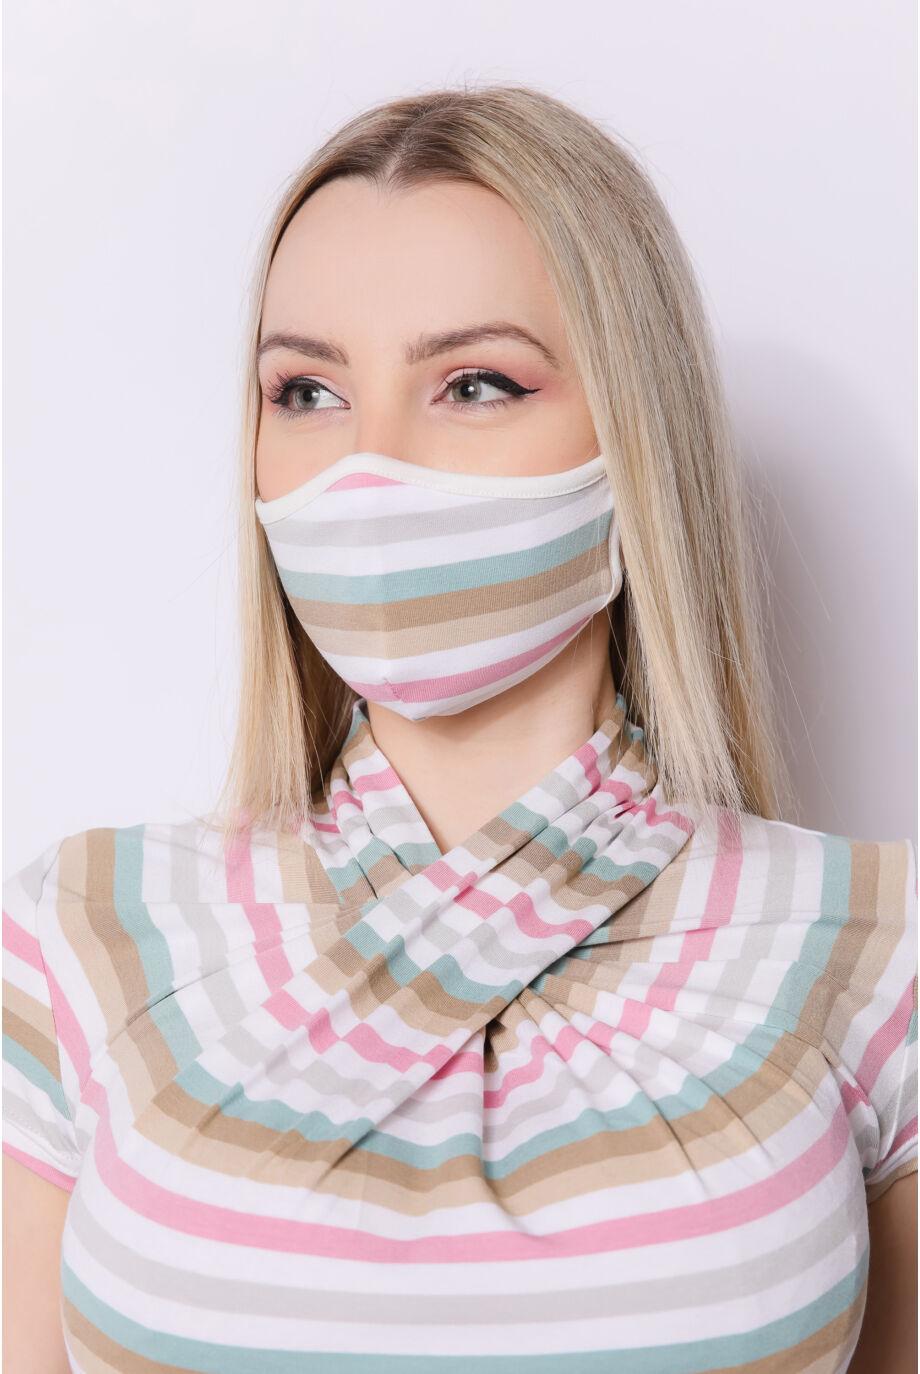 textil_mintas_szajmaszk_arcmaszk_csikos